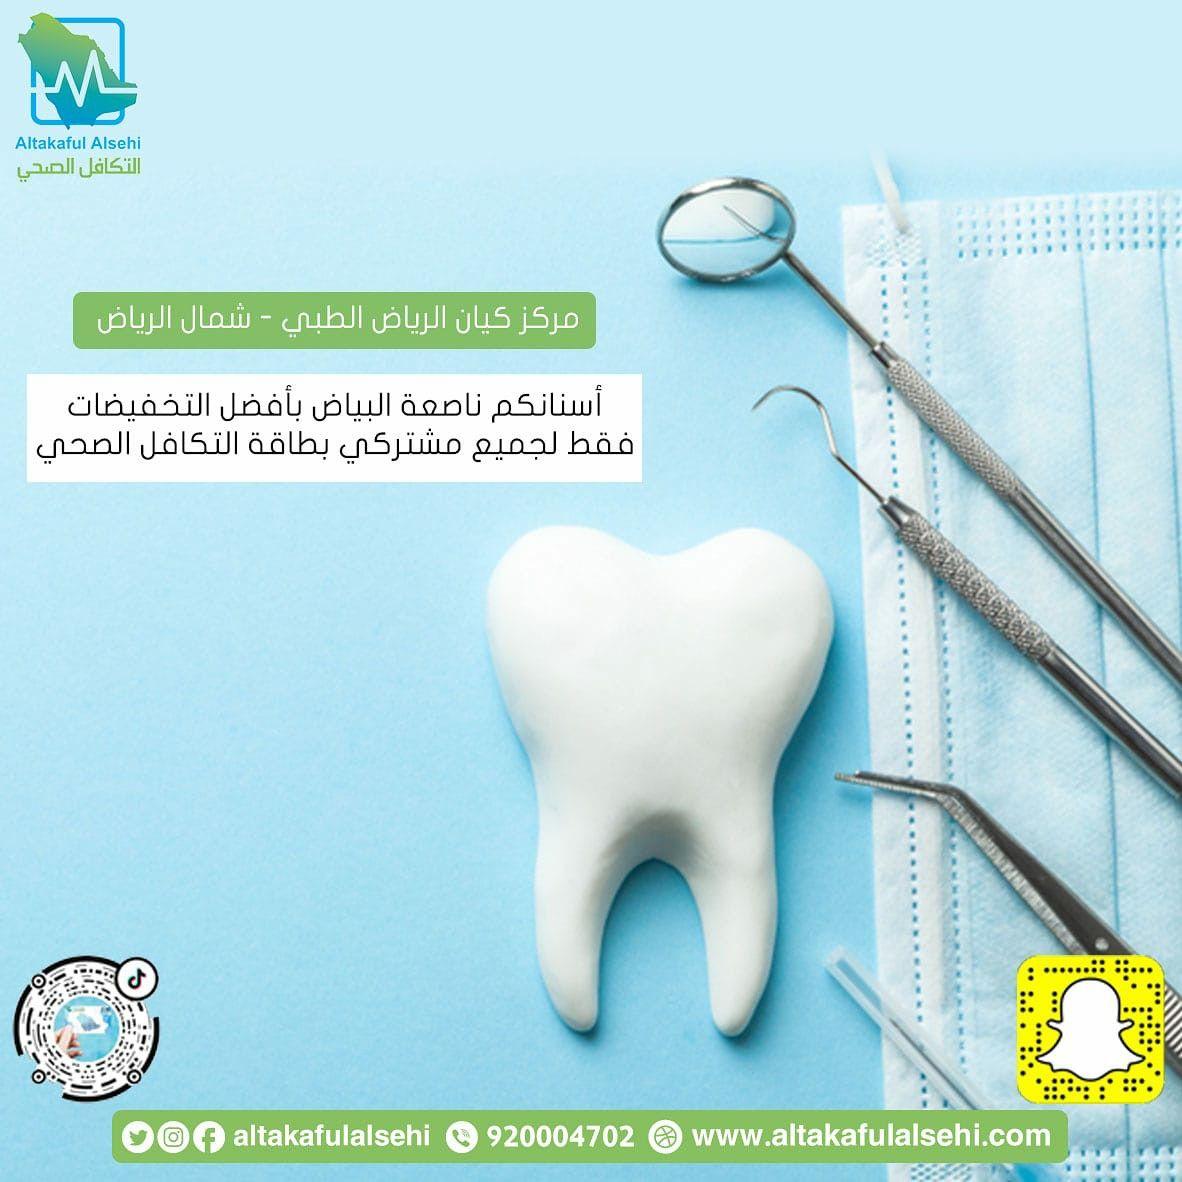 حافظ على جمال أسنانك بزيارة واحدة لمركز كيان الرياض الطبي شمال الرياض واحصل على خصومات مميزة على بطاقة التكافل الصحي Https Health Insurance Health Insurance